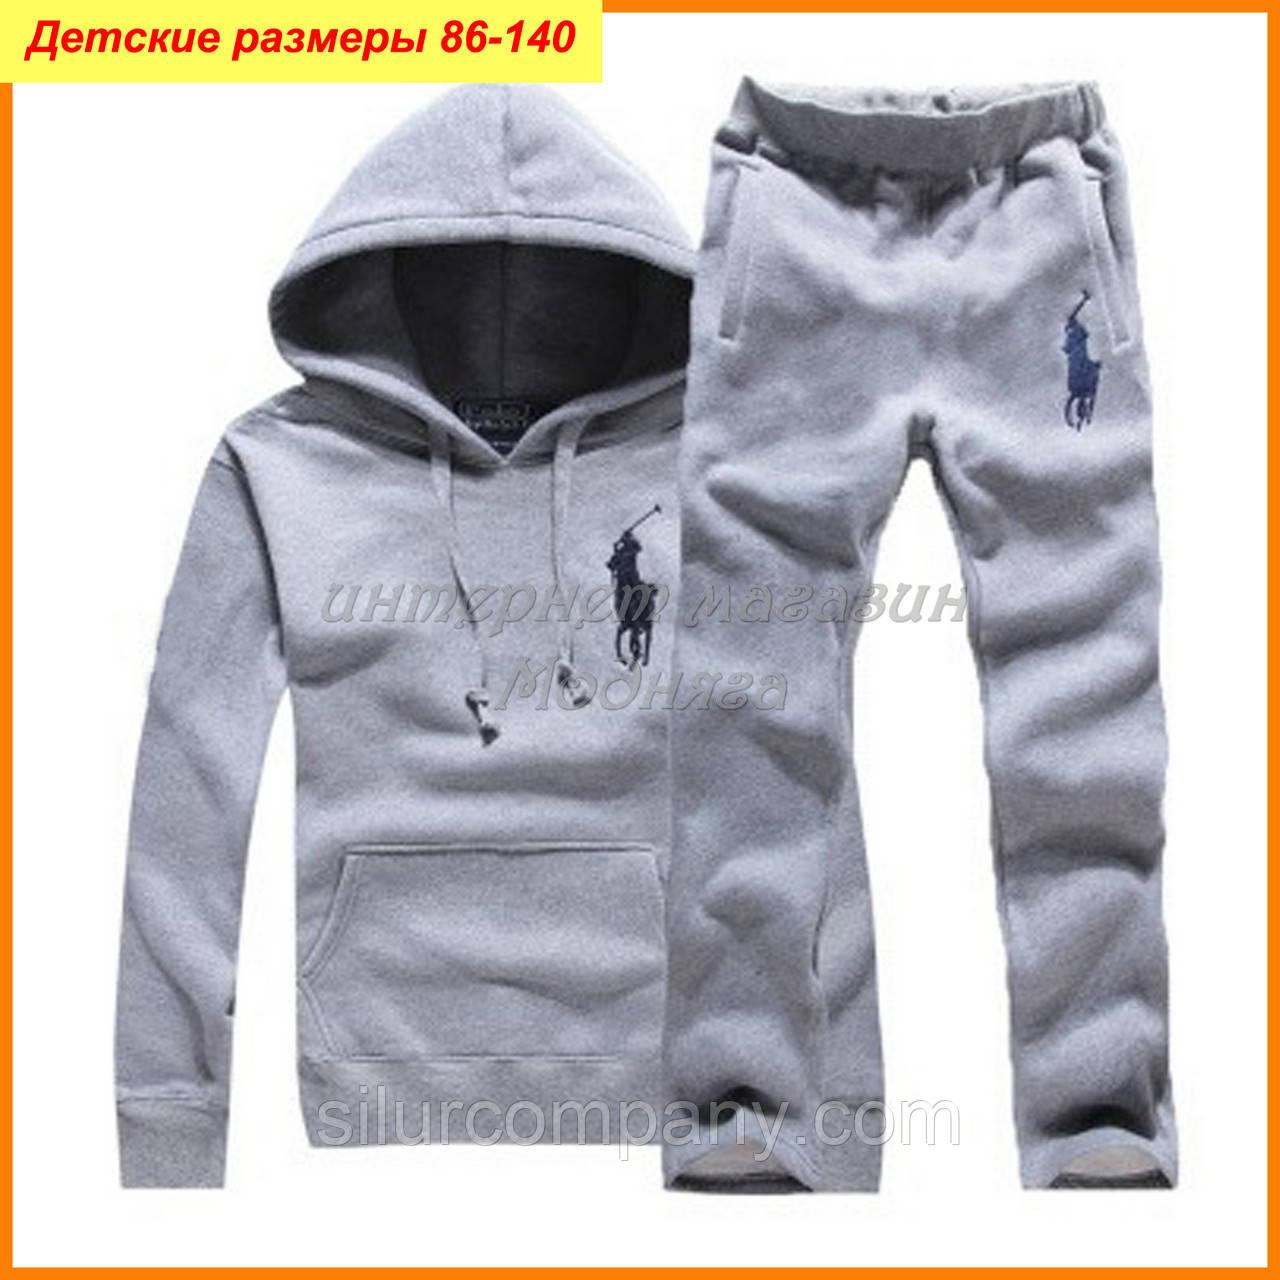 310d3e480a6 Спортивная одежда для детей